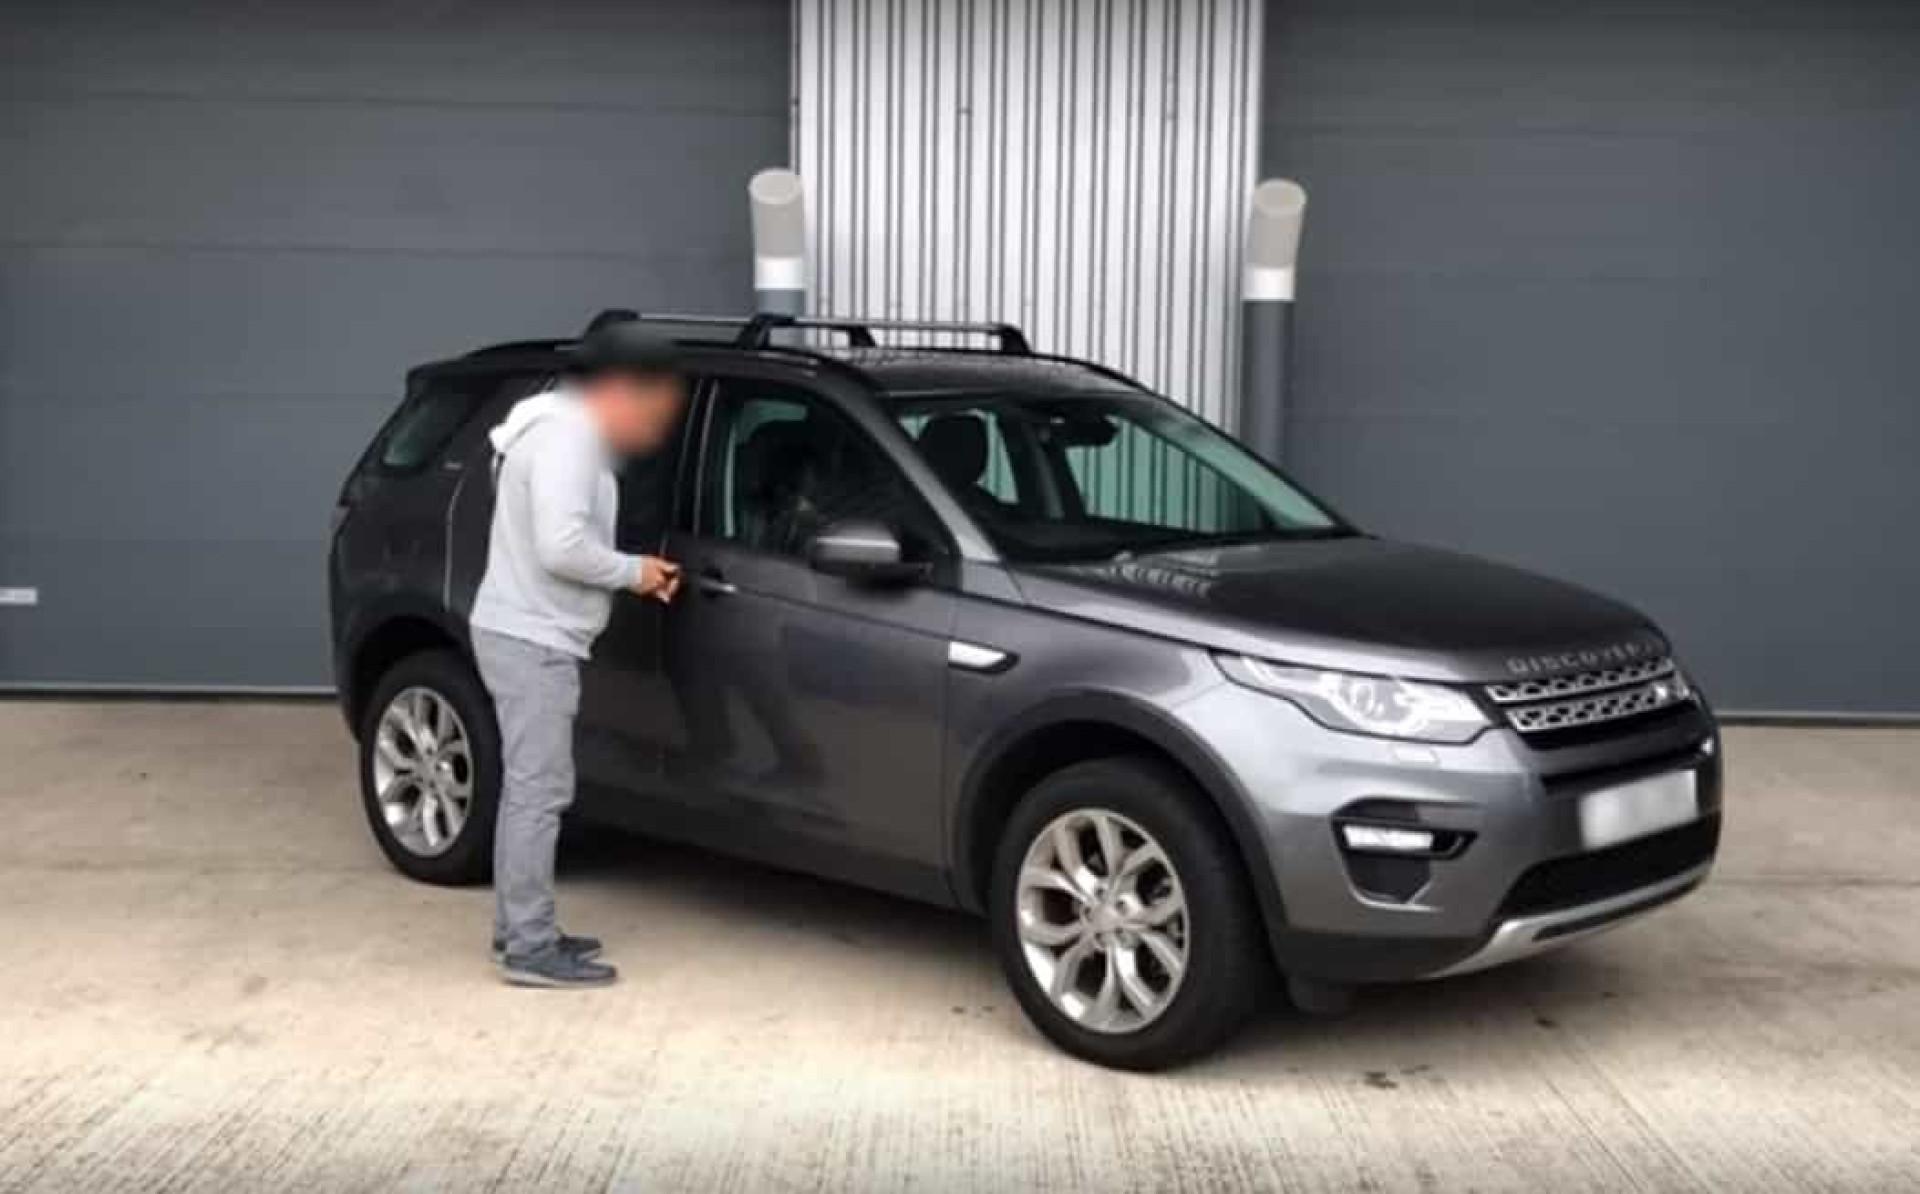 Carros com sistema sem chave podem ser roubados... em 10 segundos